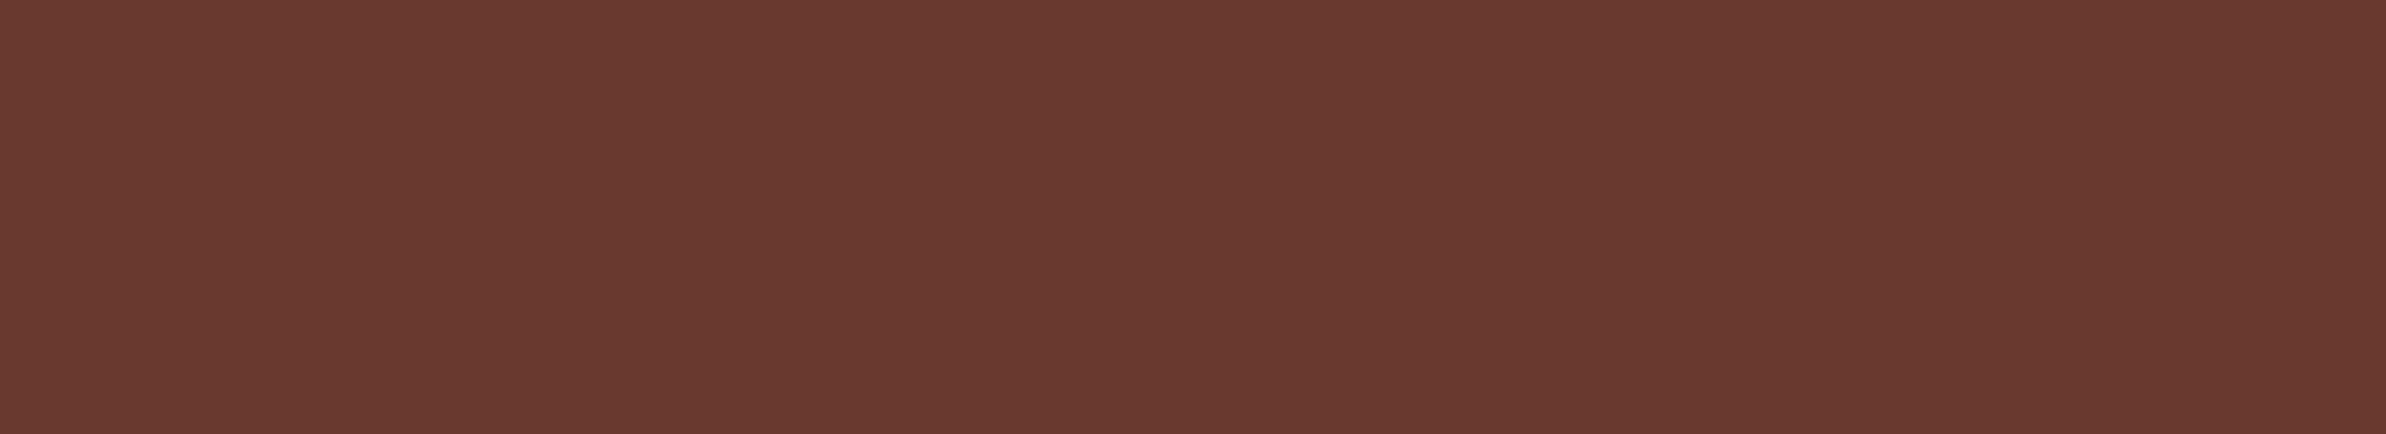 #1516 @ 5% - Grey